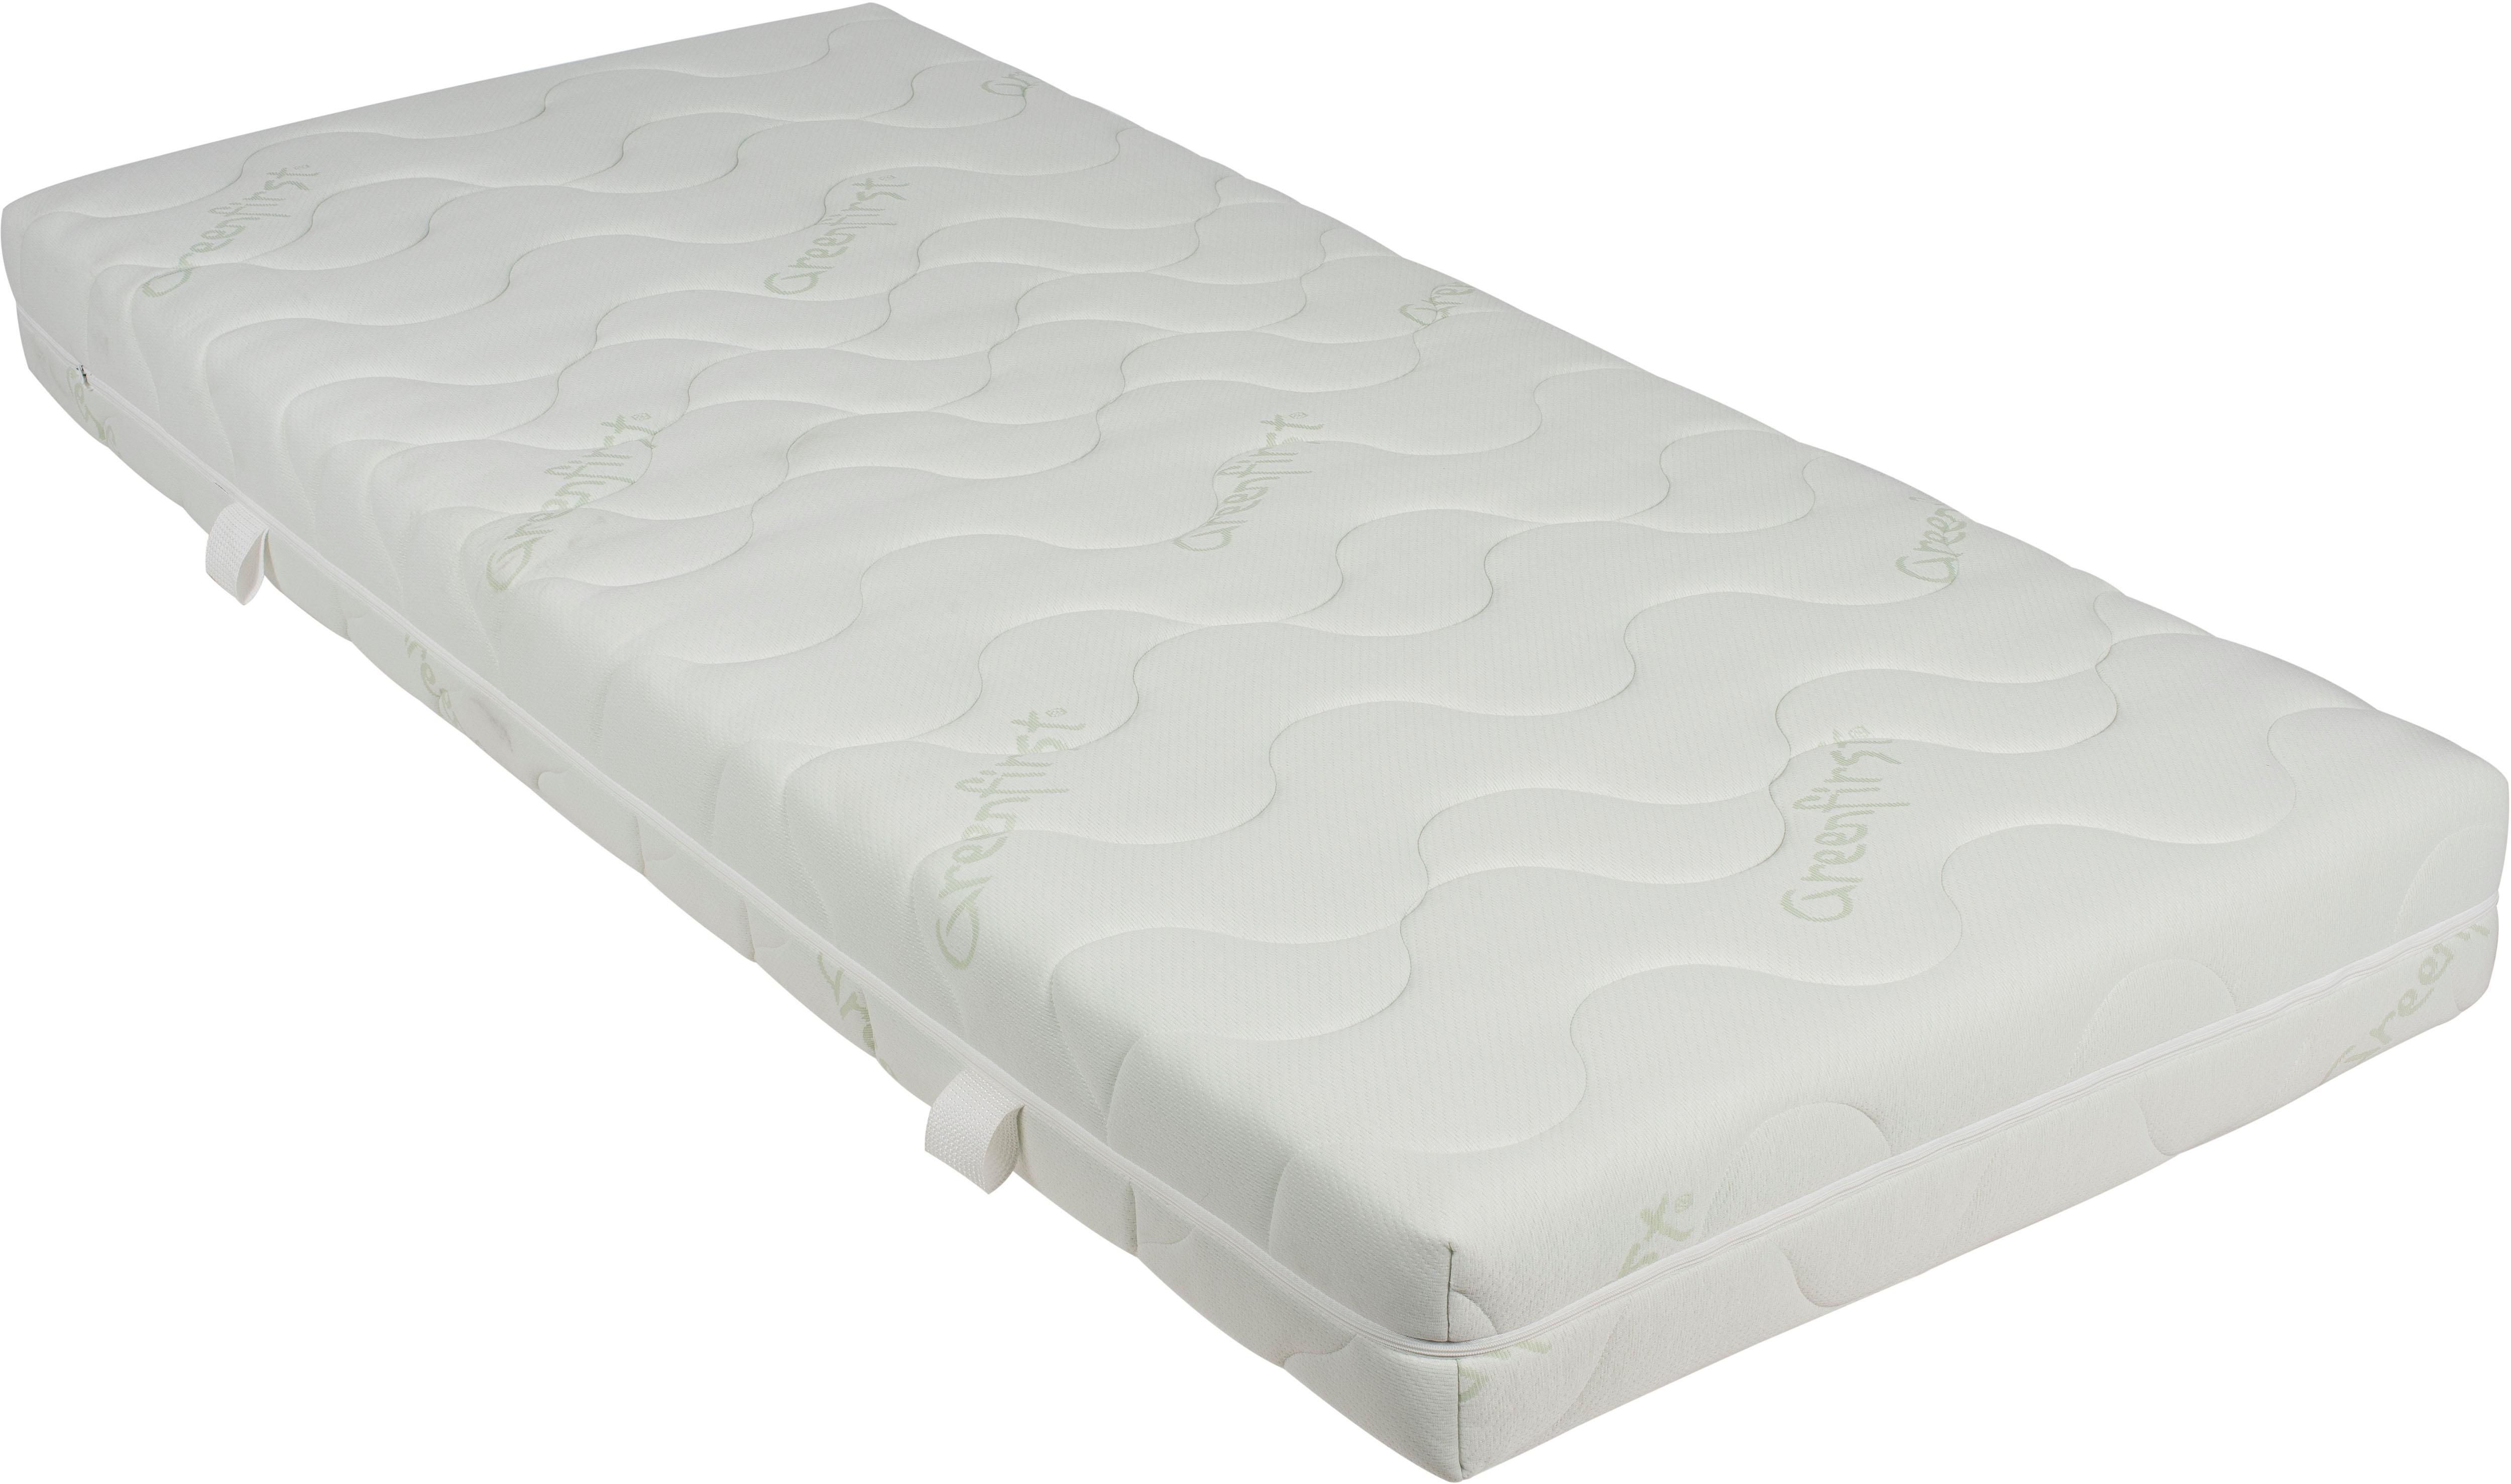 Komfortschaummatratze Komfort Greenfirst KS Beco 20 cm hoch